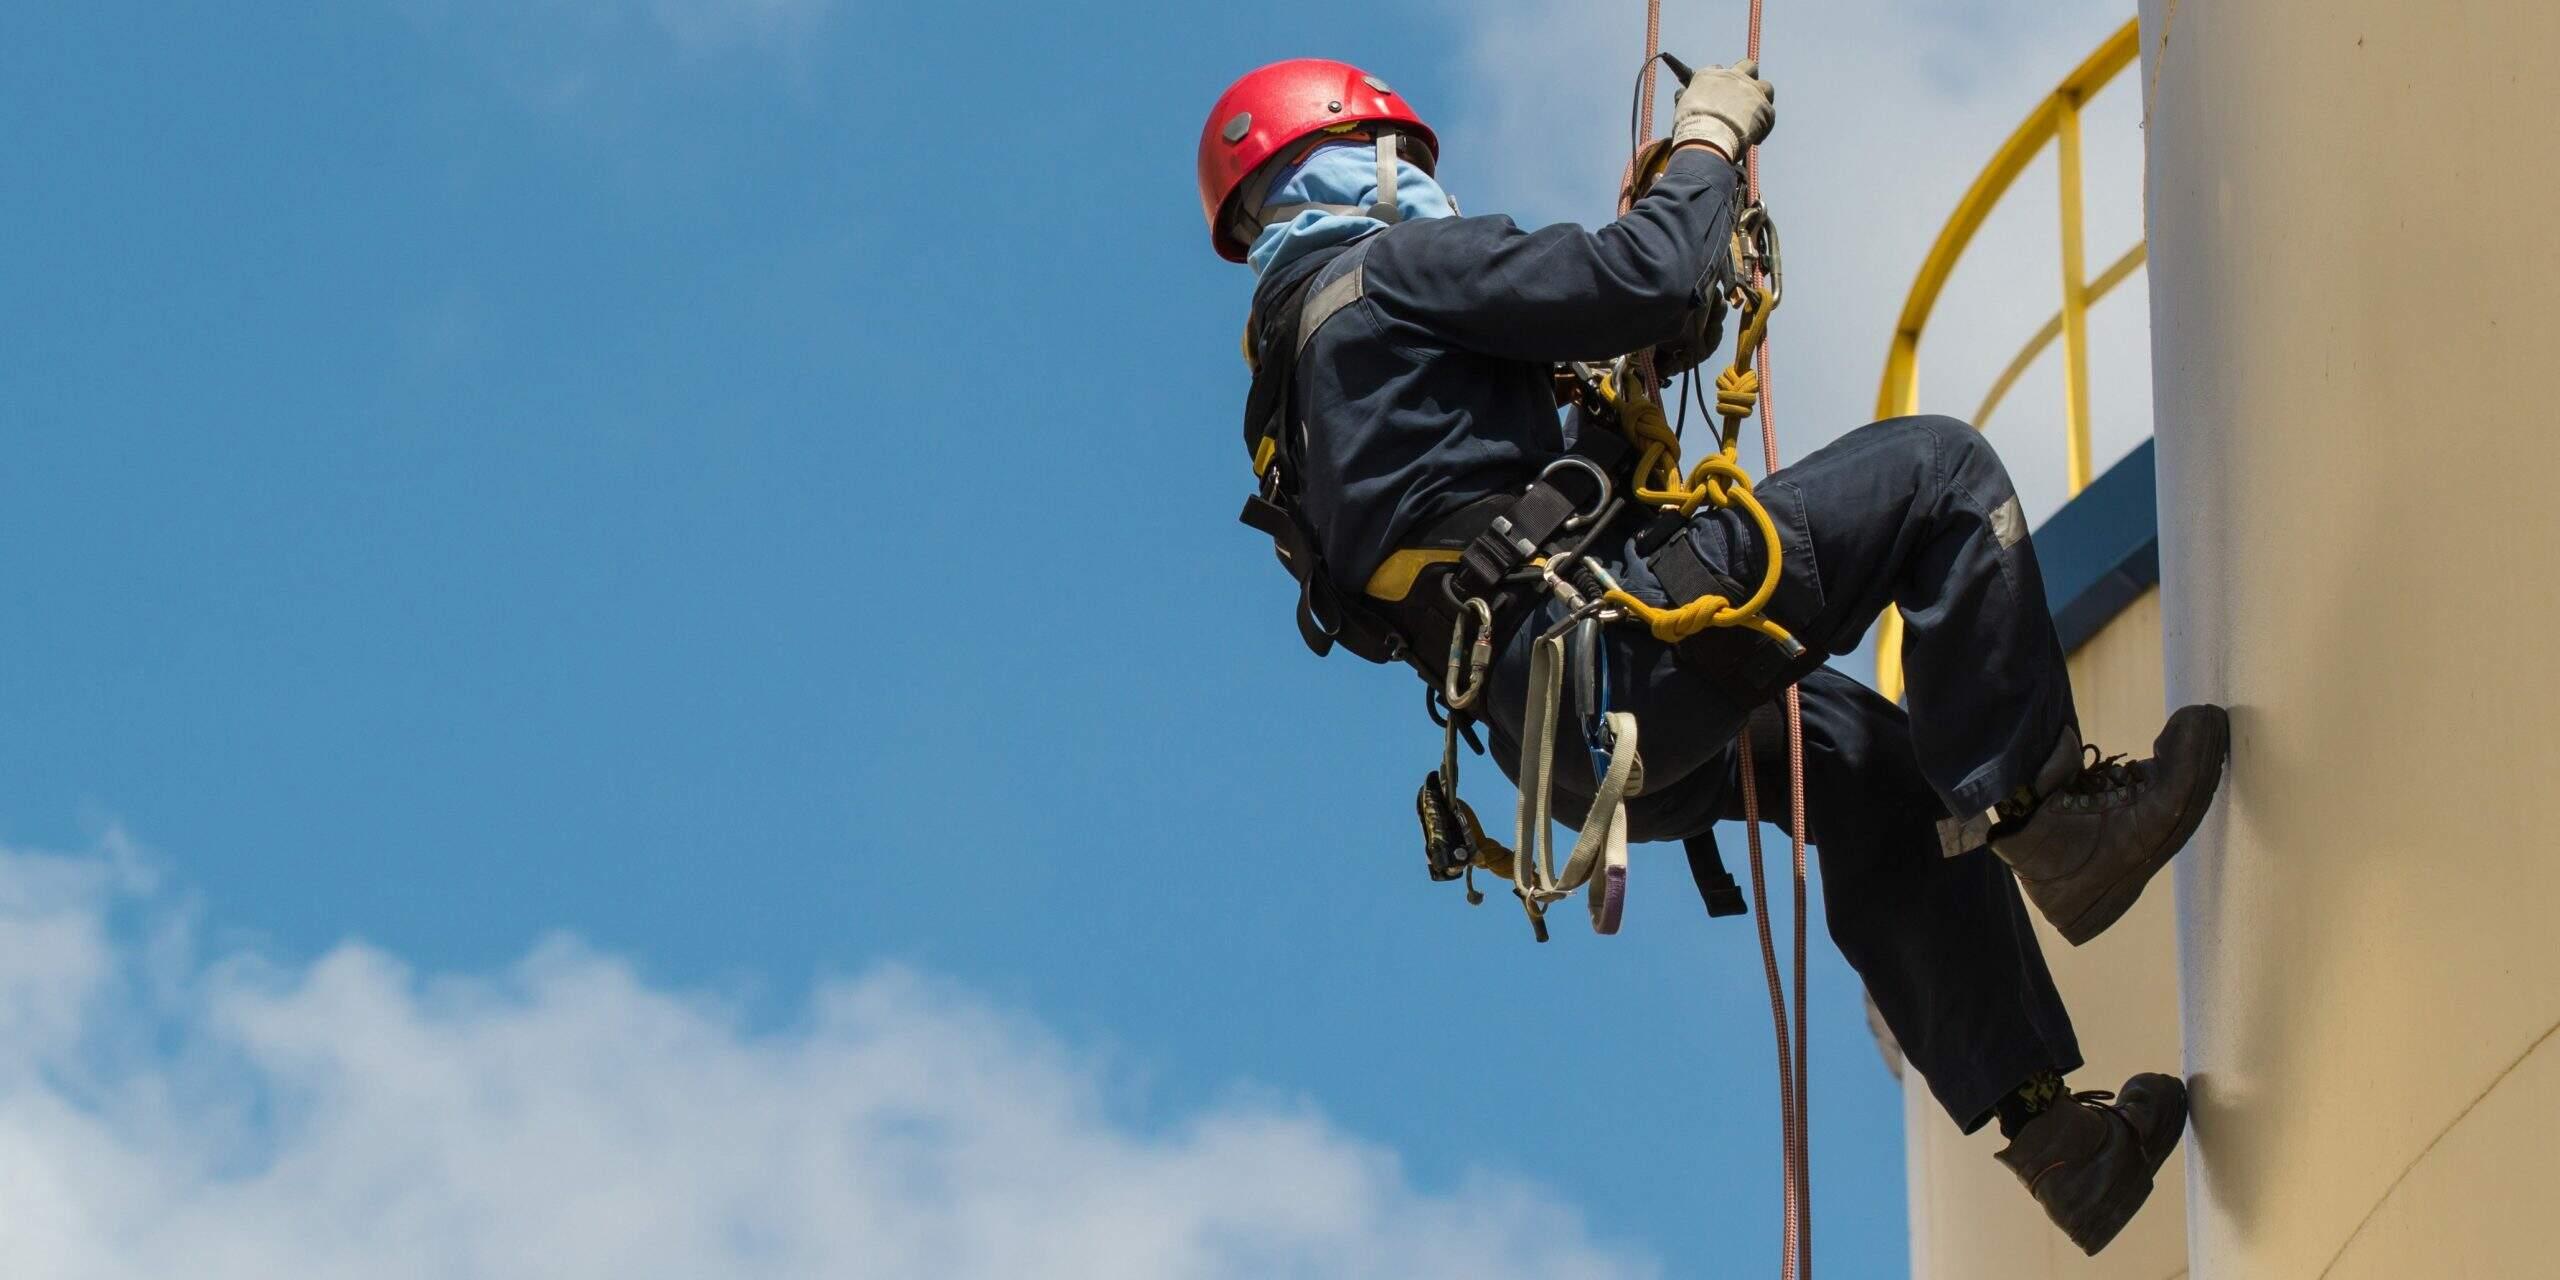 Equipamentos de ancoragem para trabalho em altura | Veja os mais importantes